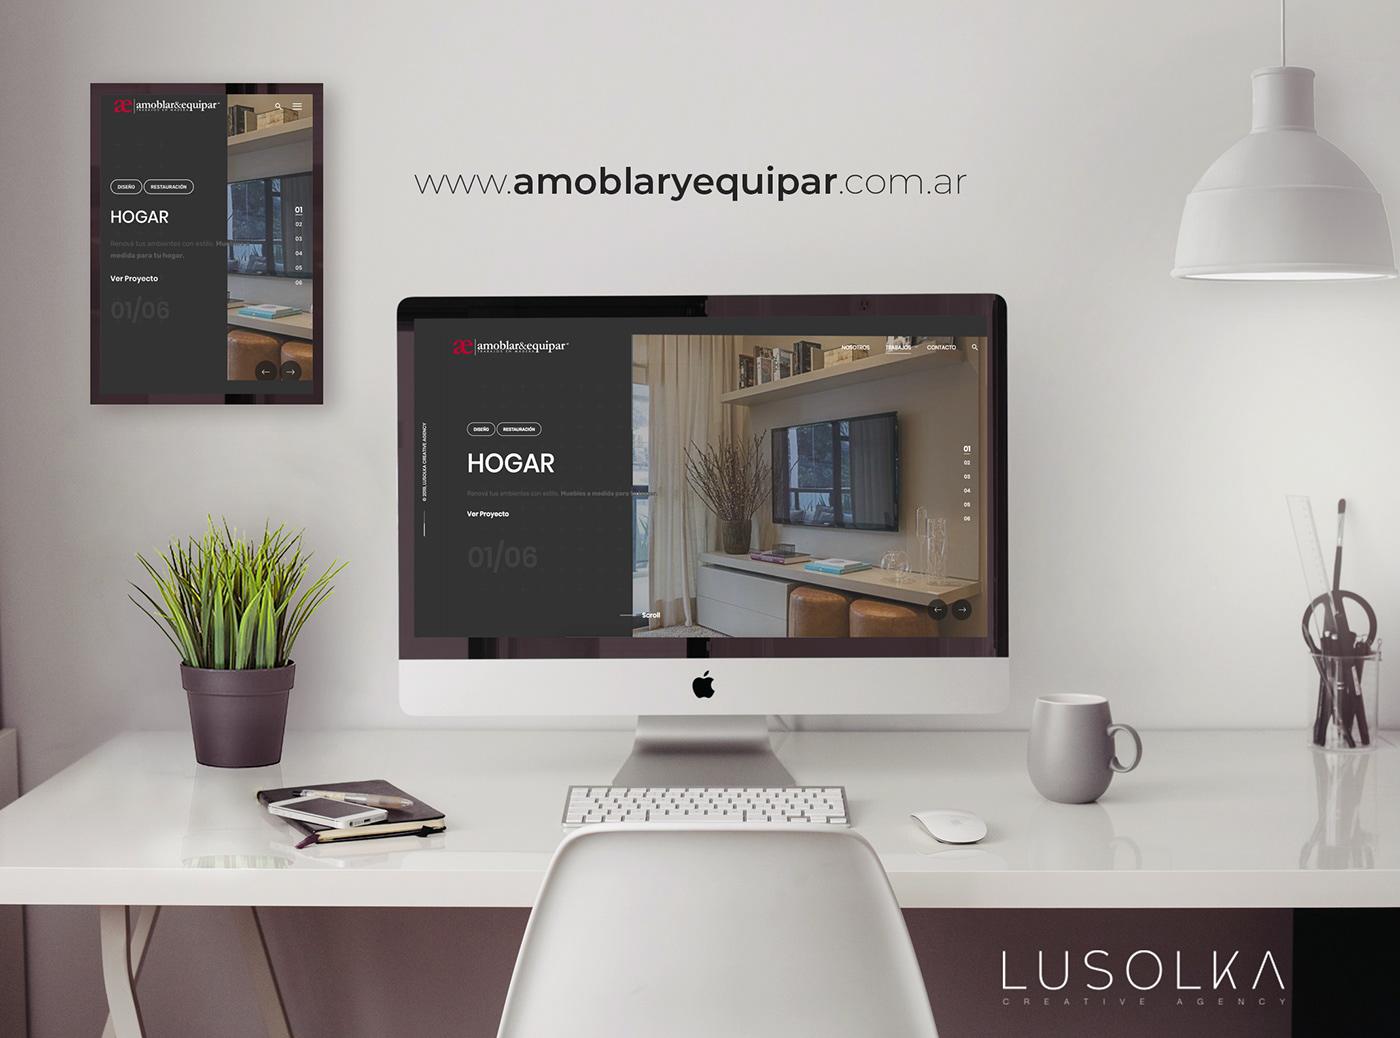 Image may contain: wall, computer and computer monitor